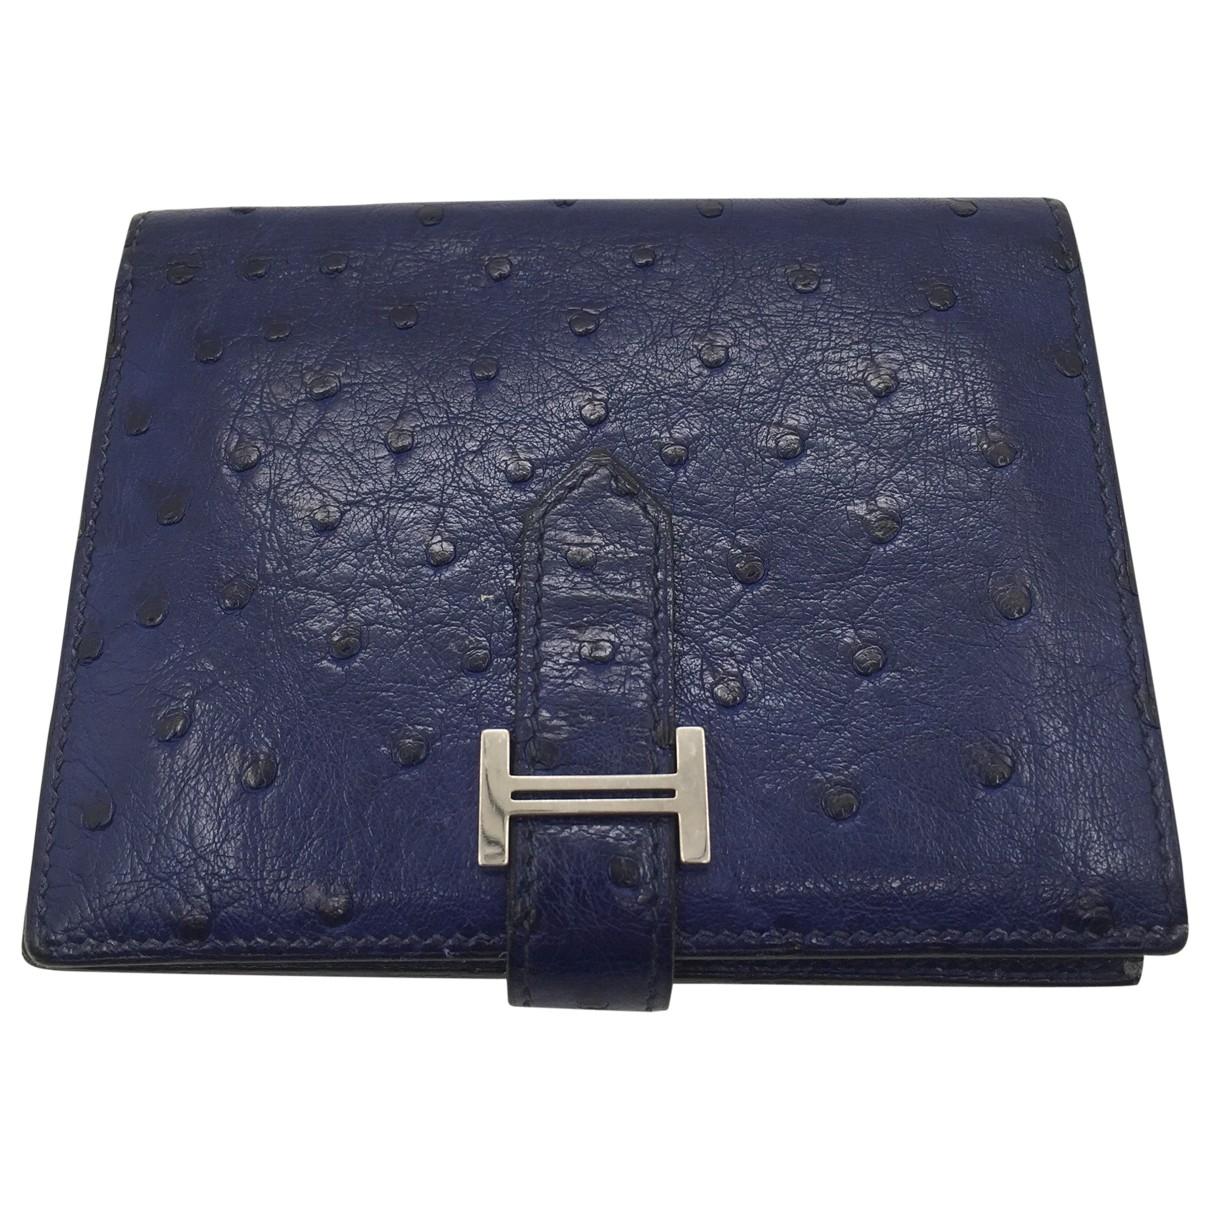 Hermes Bearn Portemonnaie in  Blau Vogelstrauss